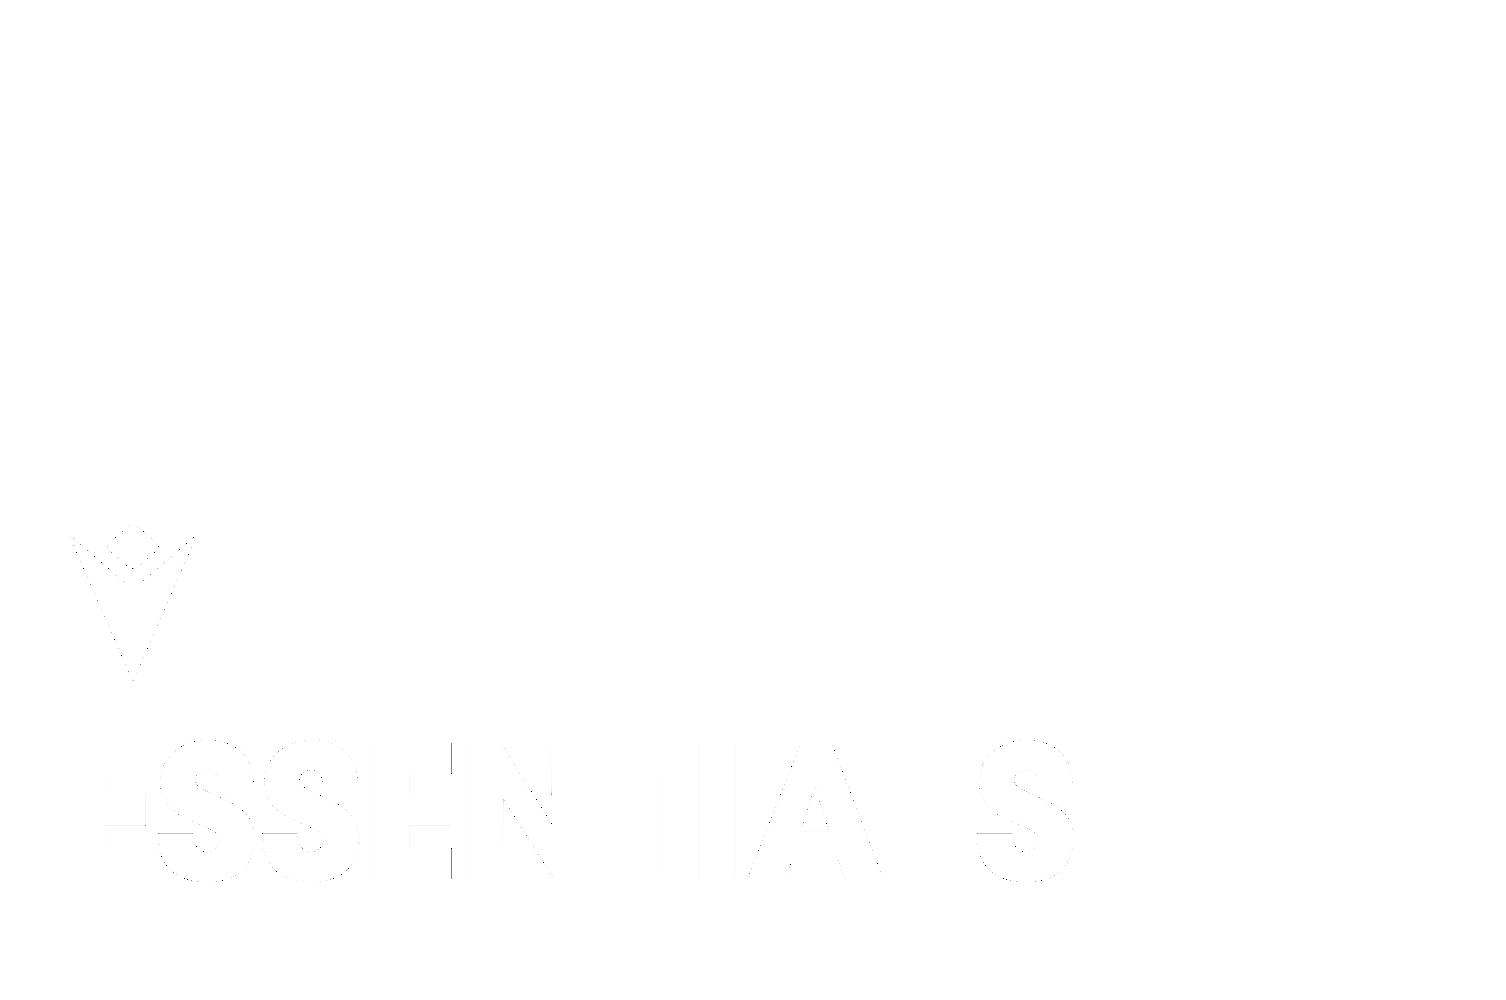 essentials-text-2021.png